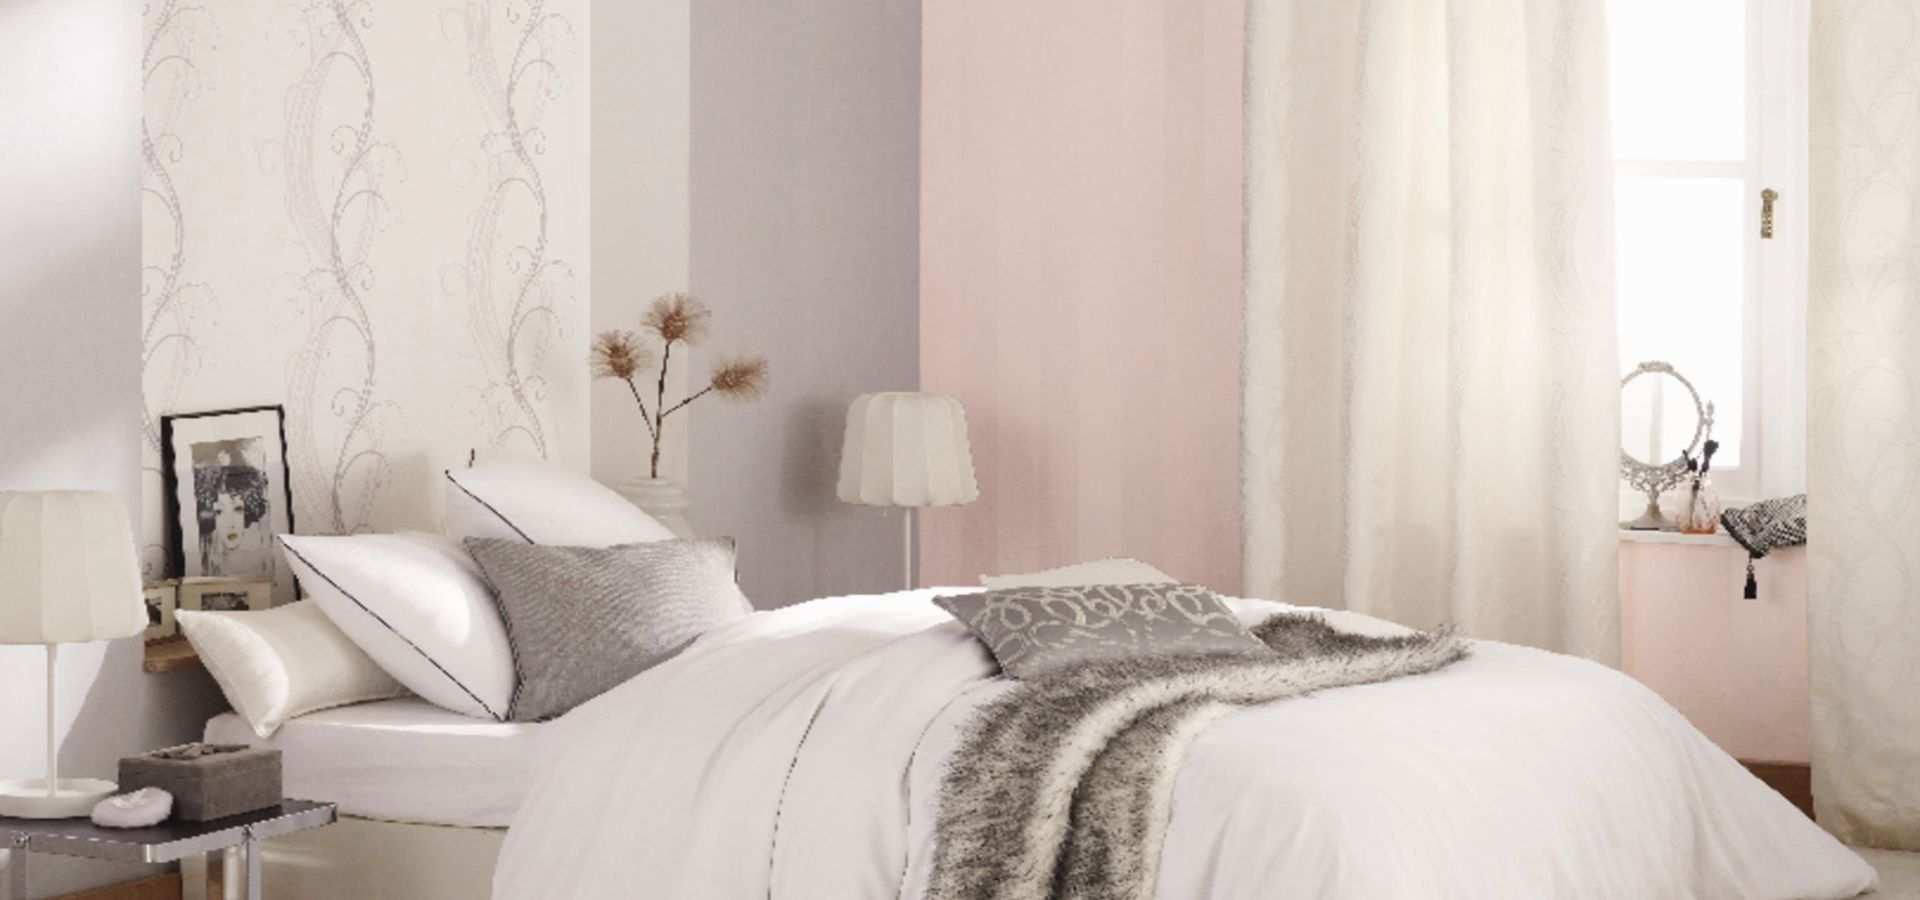 Wohnideen frantzen bodenbel ge aachen 0241 55 16 01 for Ornament tapete rosa